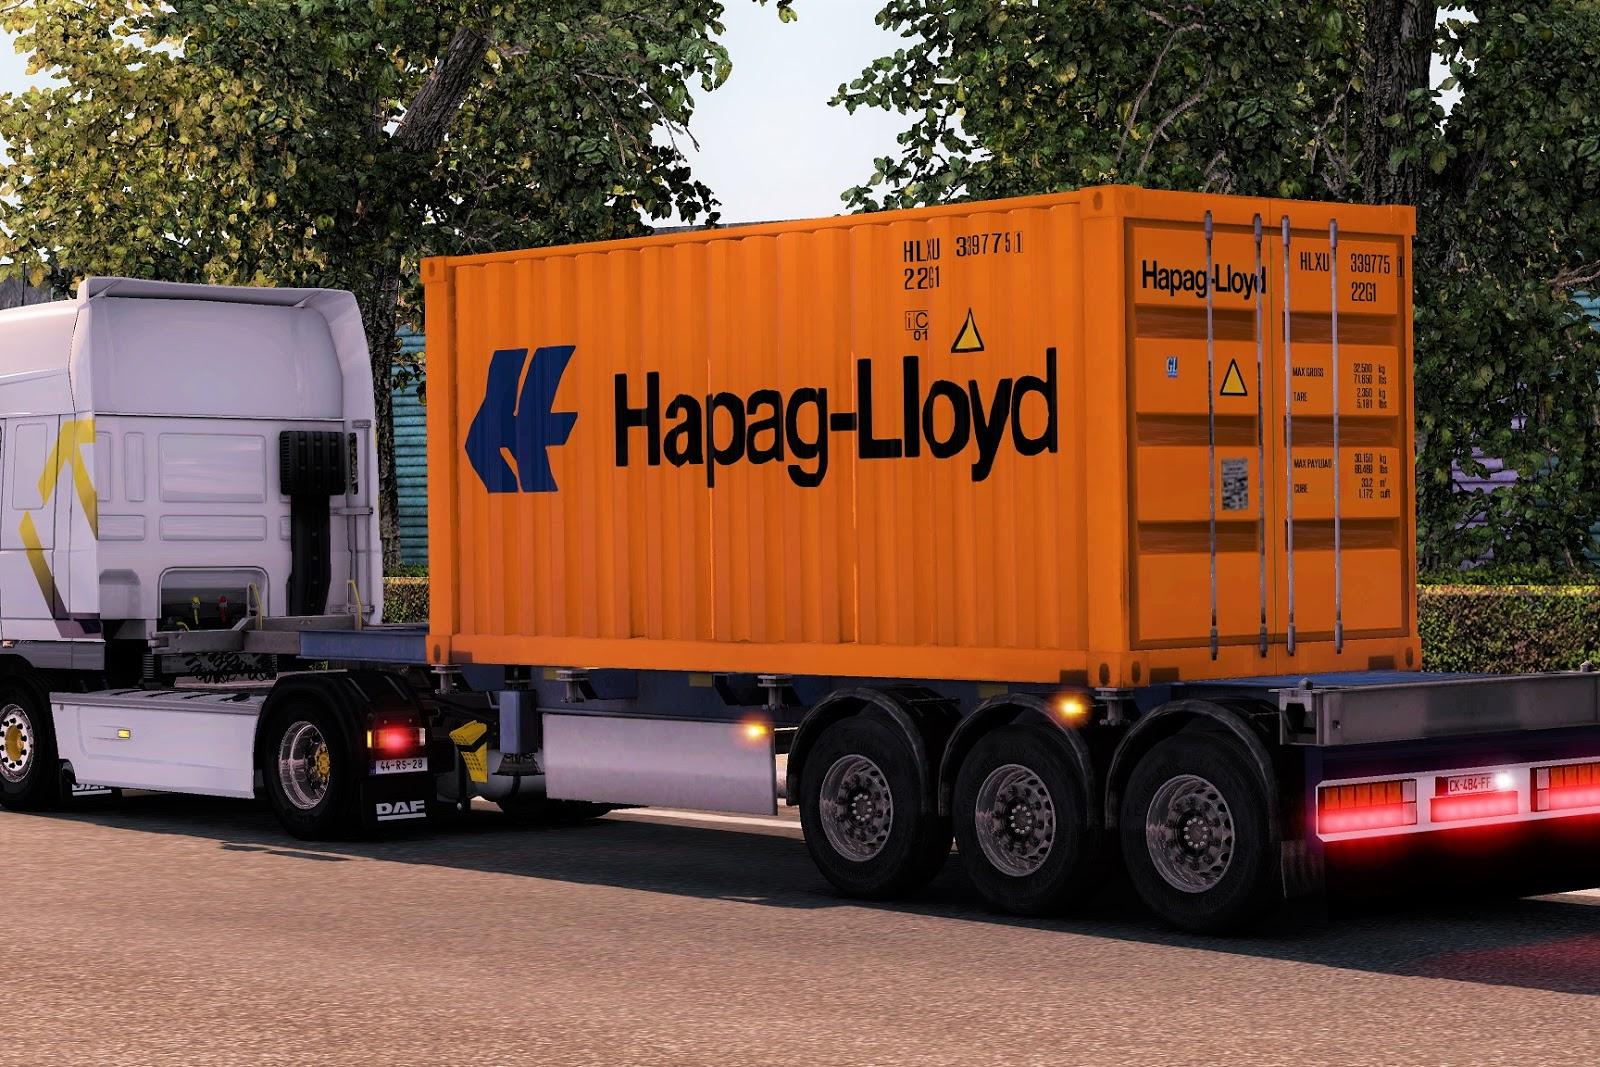 Silva ETS2 Mods: Pack Essencial de Contentores: Hapag-Lloyd